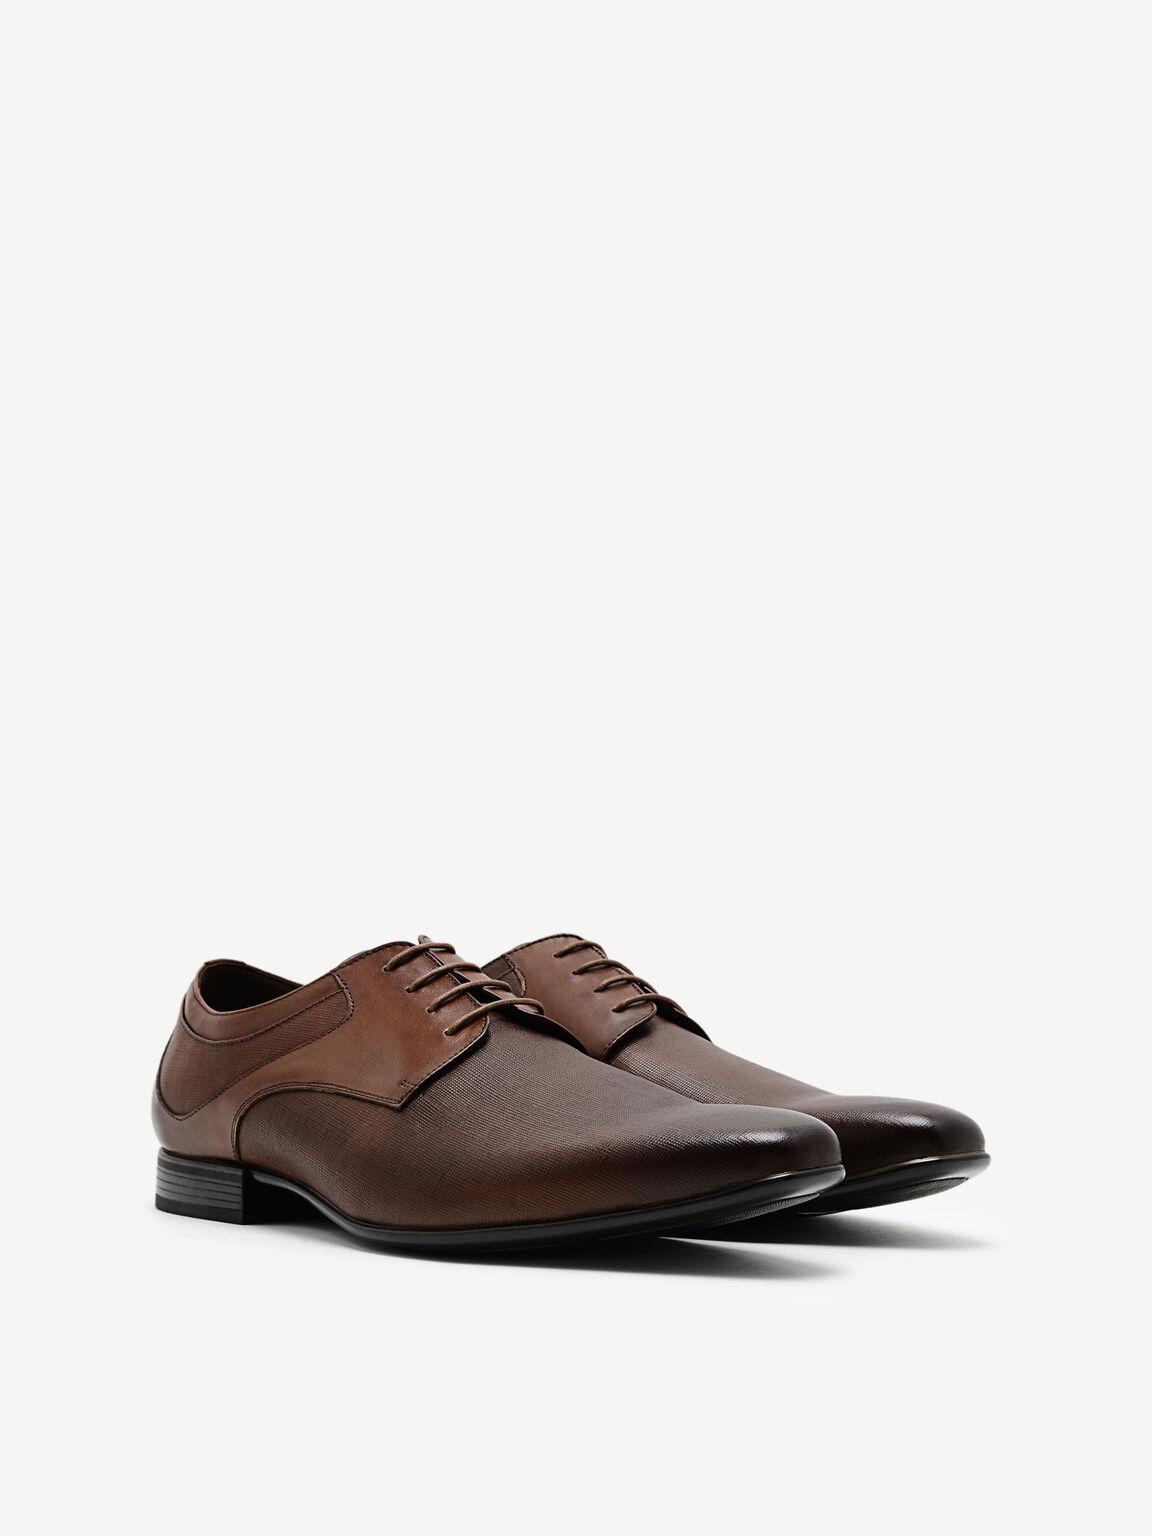 Burnished Leather Derby Shoes, Light Brown, hi-res